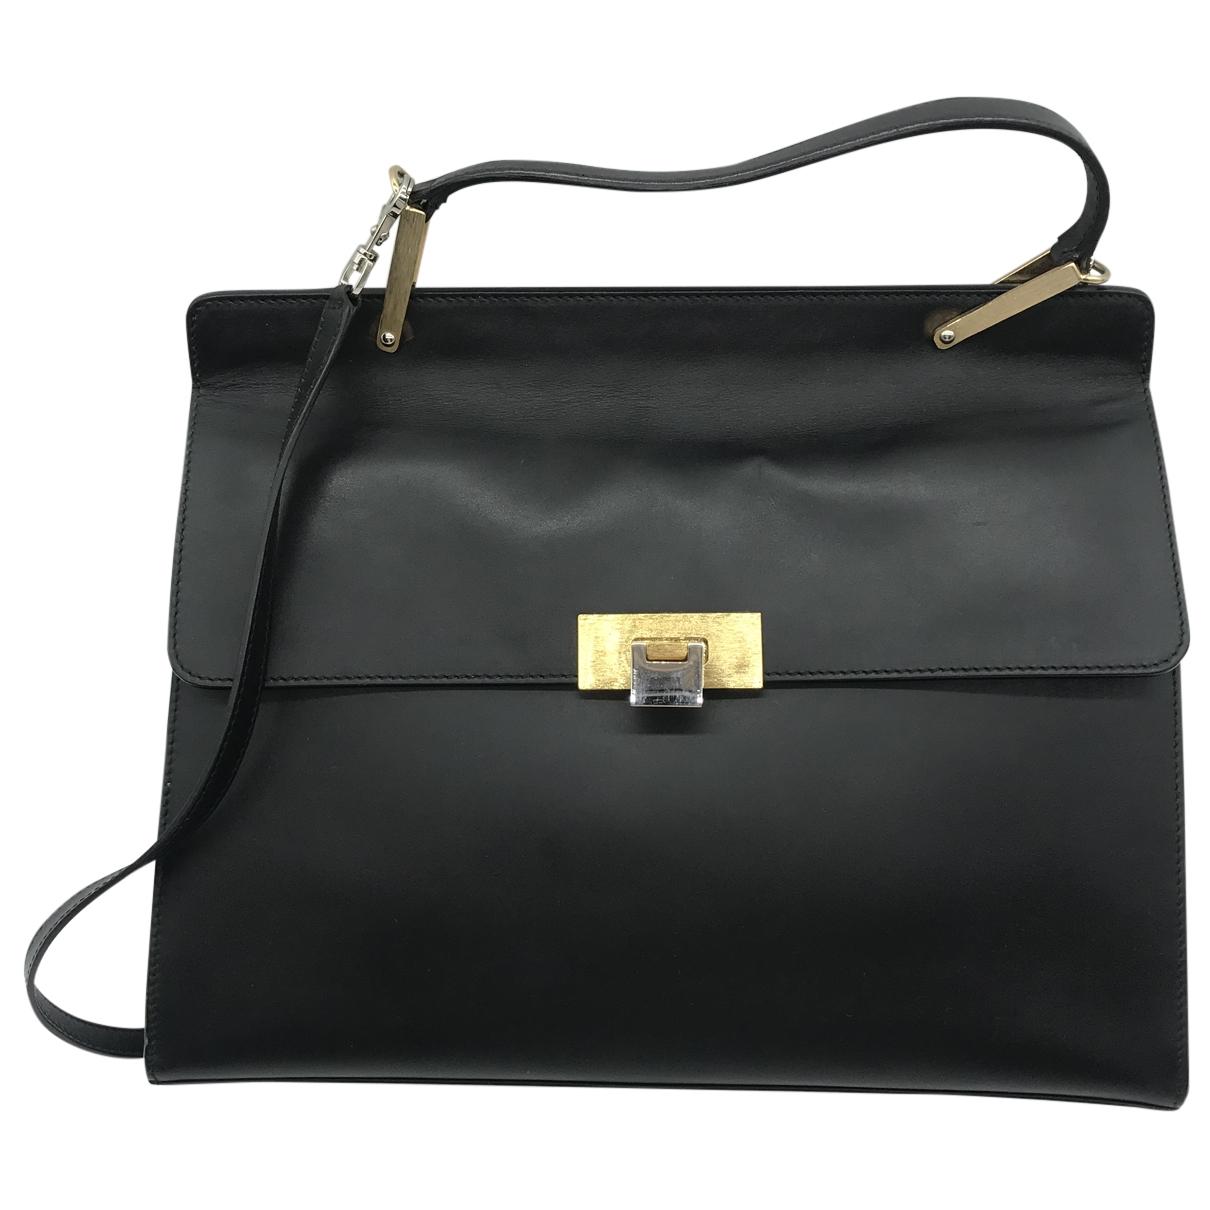 Balenciaga - Sac a main Le Dix pour femme en cuir - noir